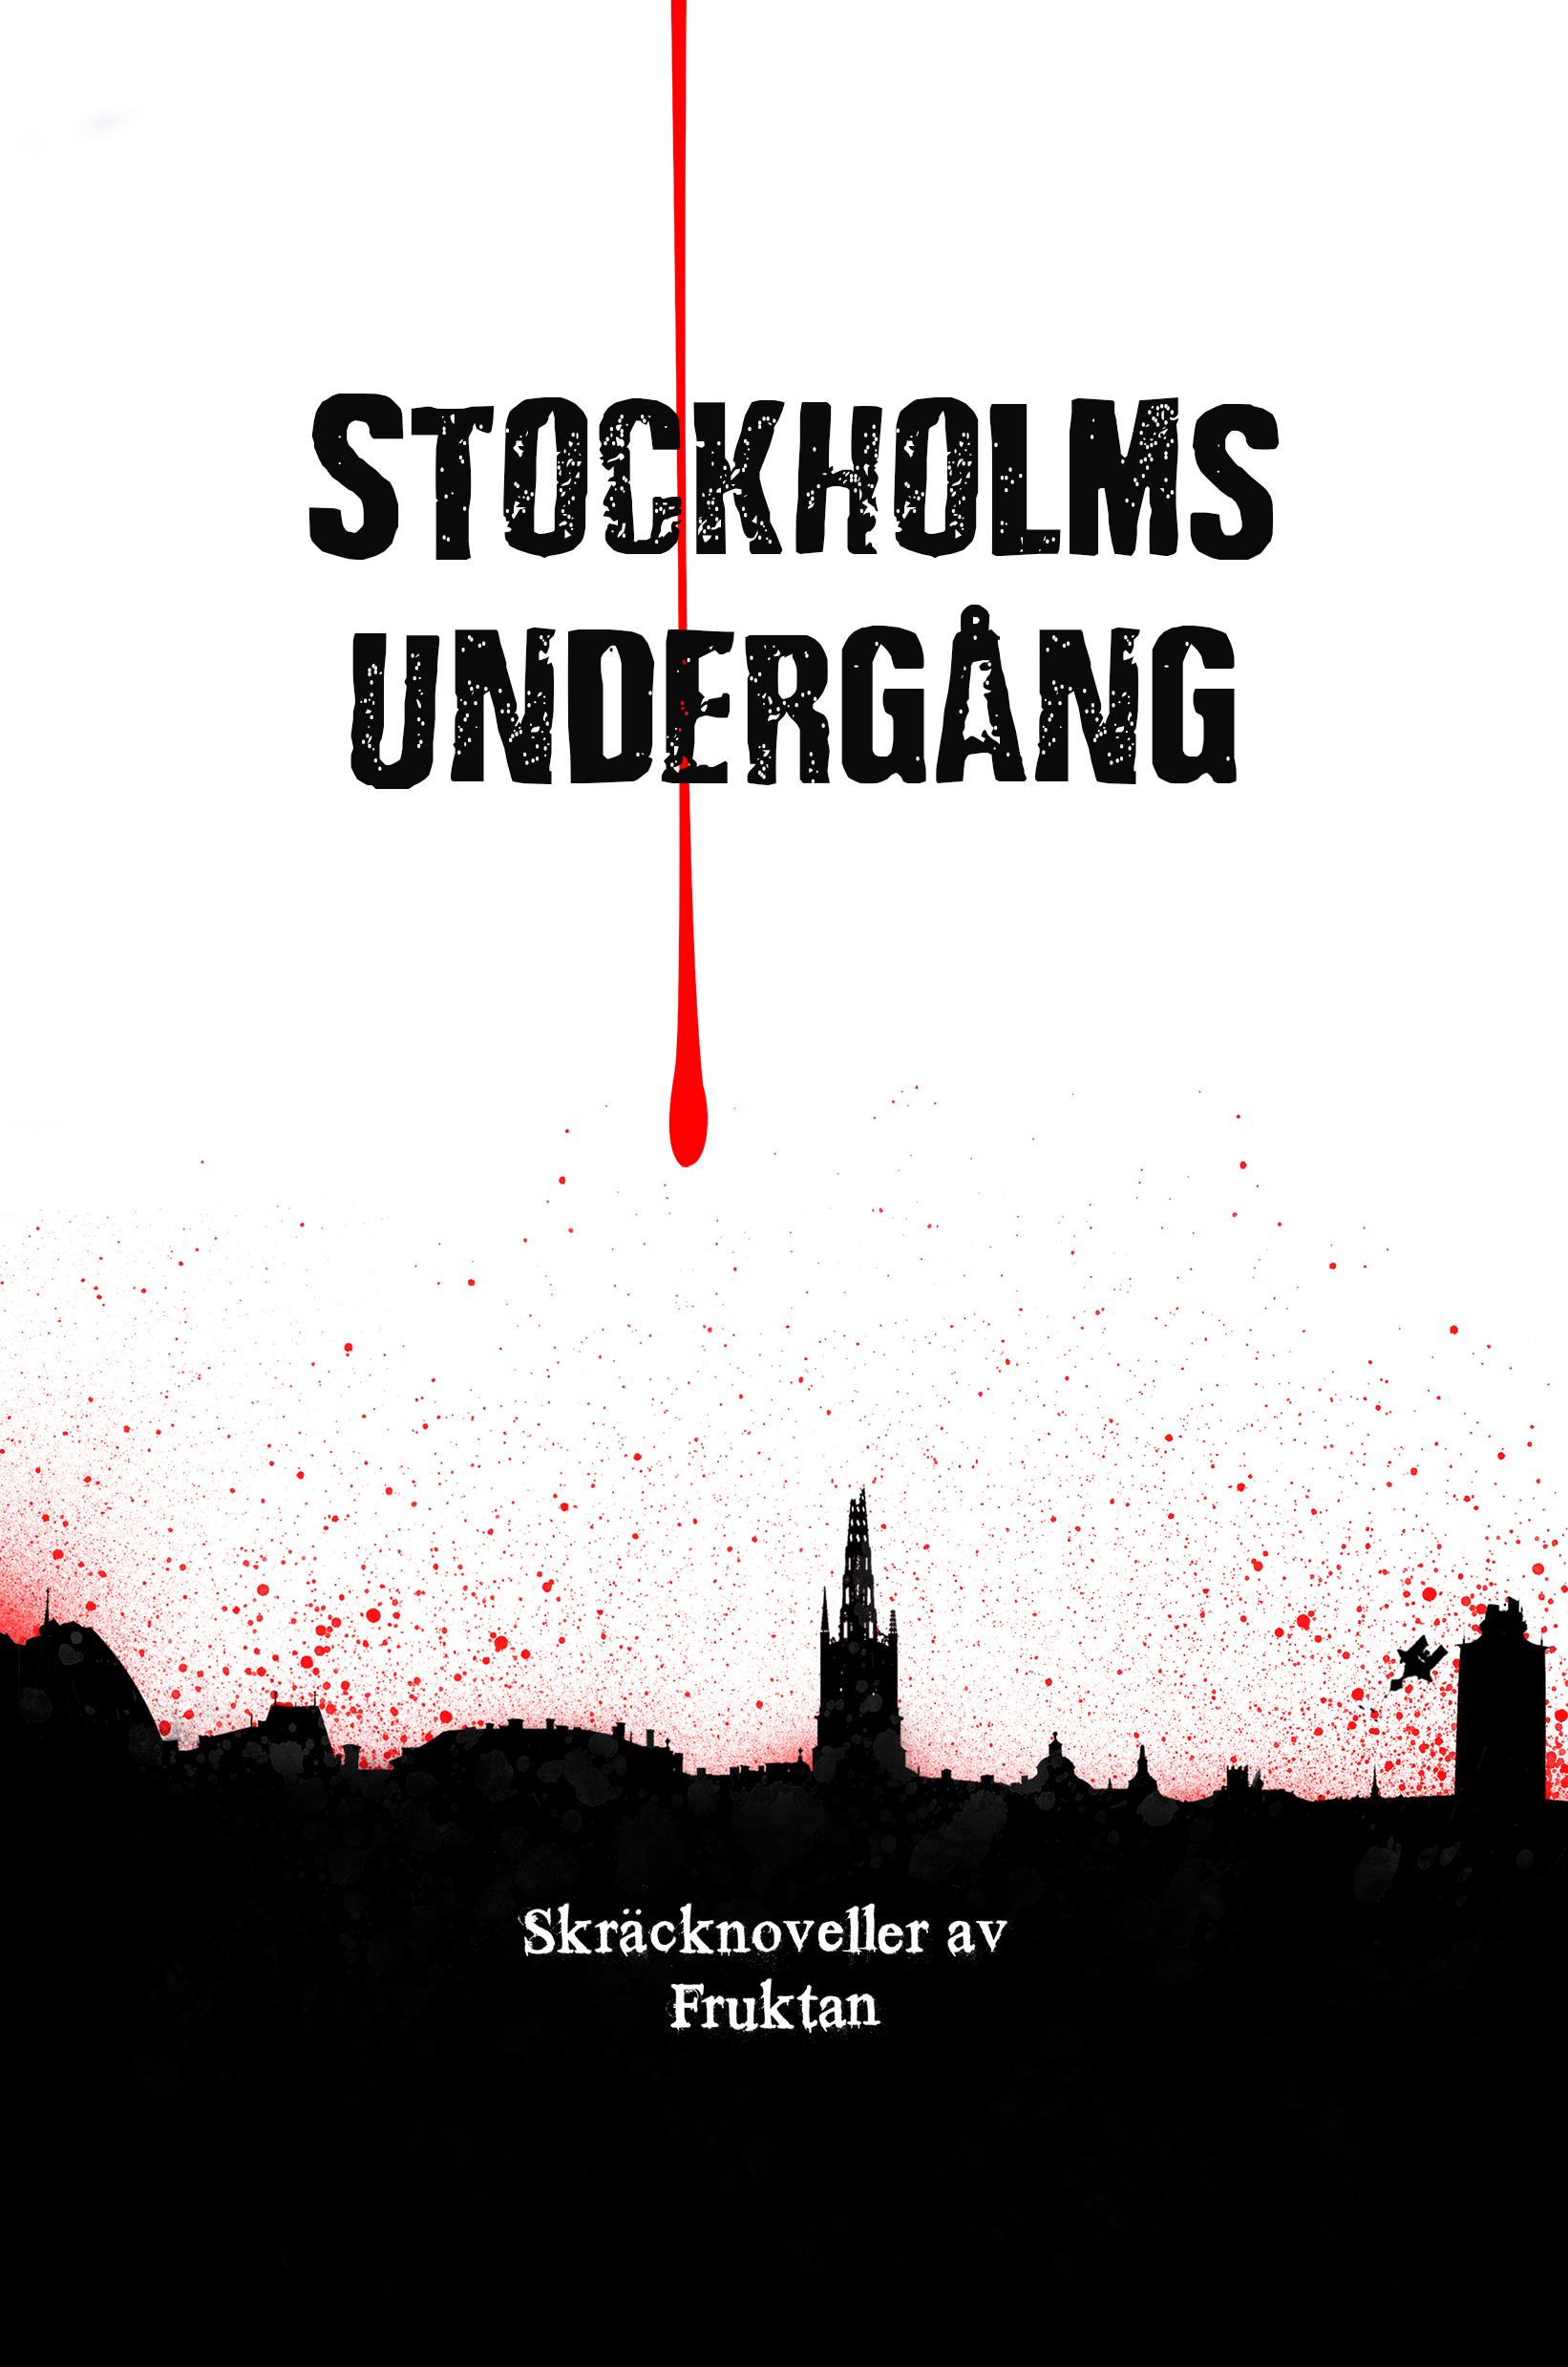 StockholmsUndergång_fruktan_omslag